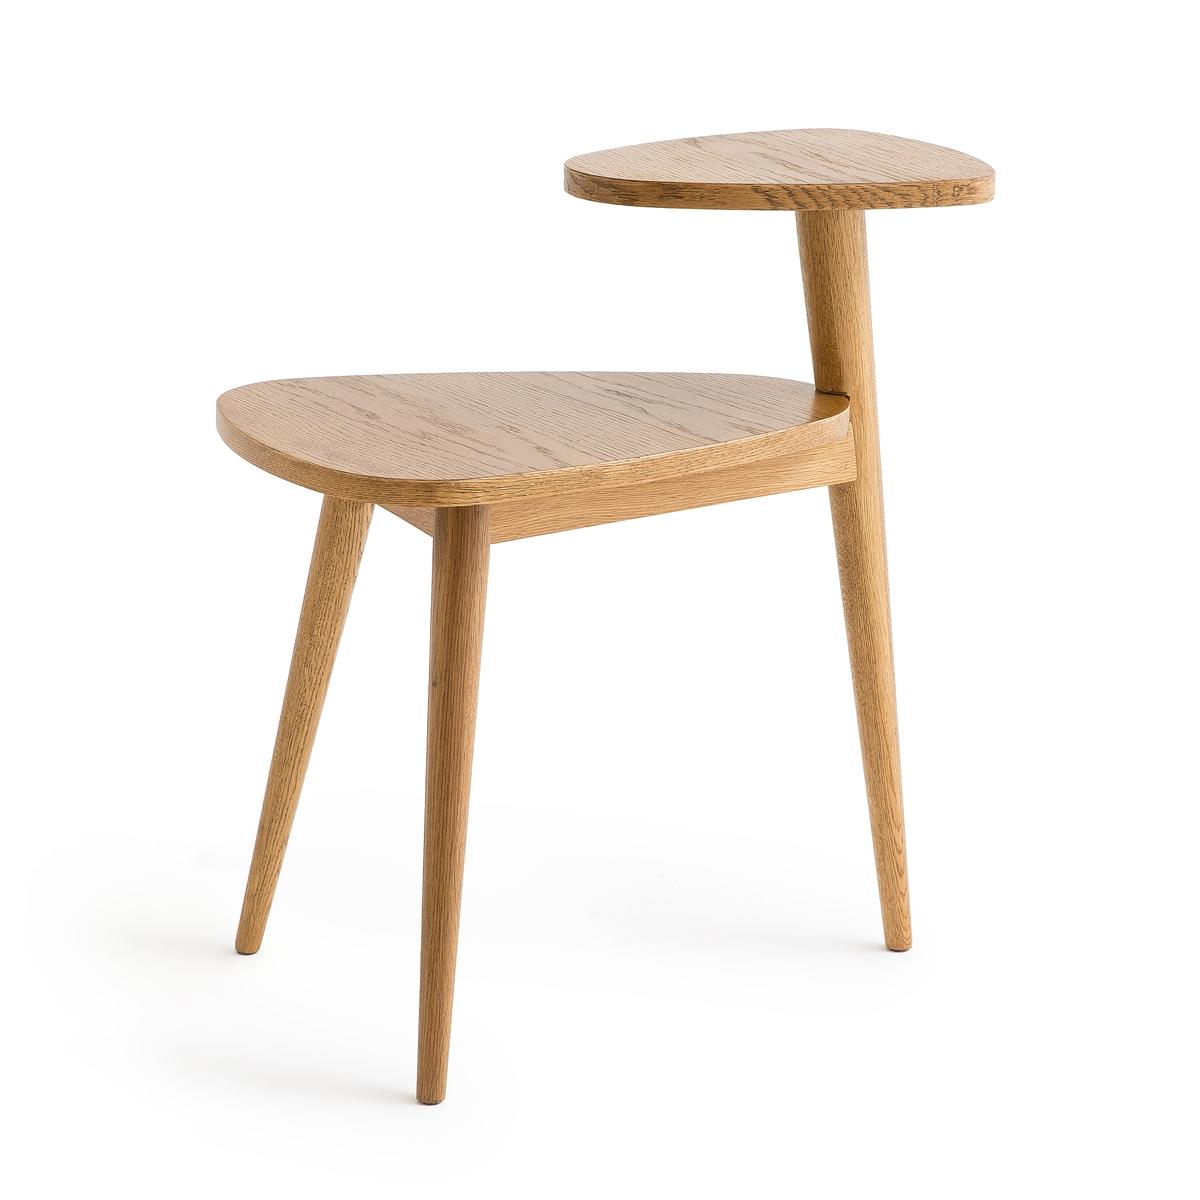 Столик La Redoute Журнальный в винтажном стиле с двумя столешницами Quilda единый размер каштановый столик журнальный в винтажном стиле из обыкновенного дуба quilda